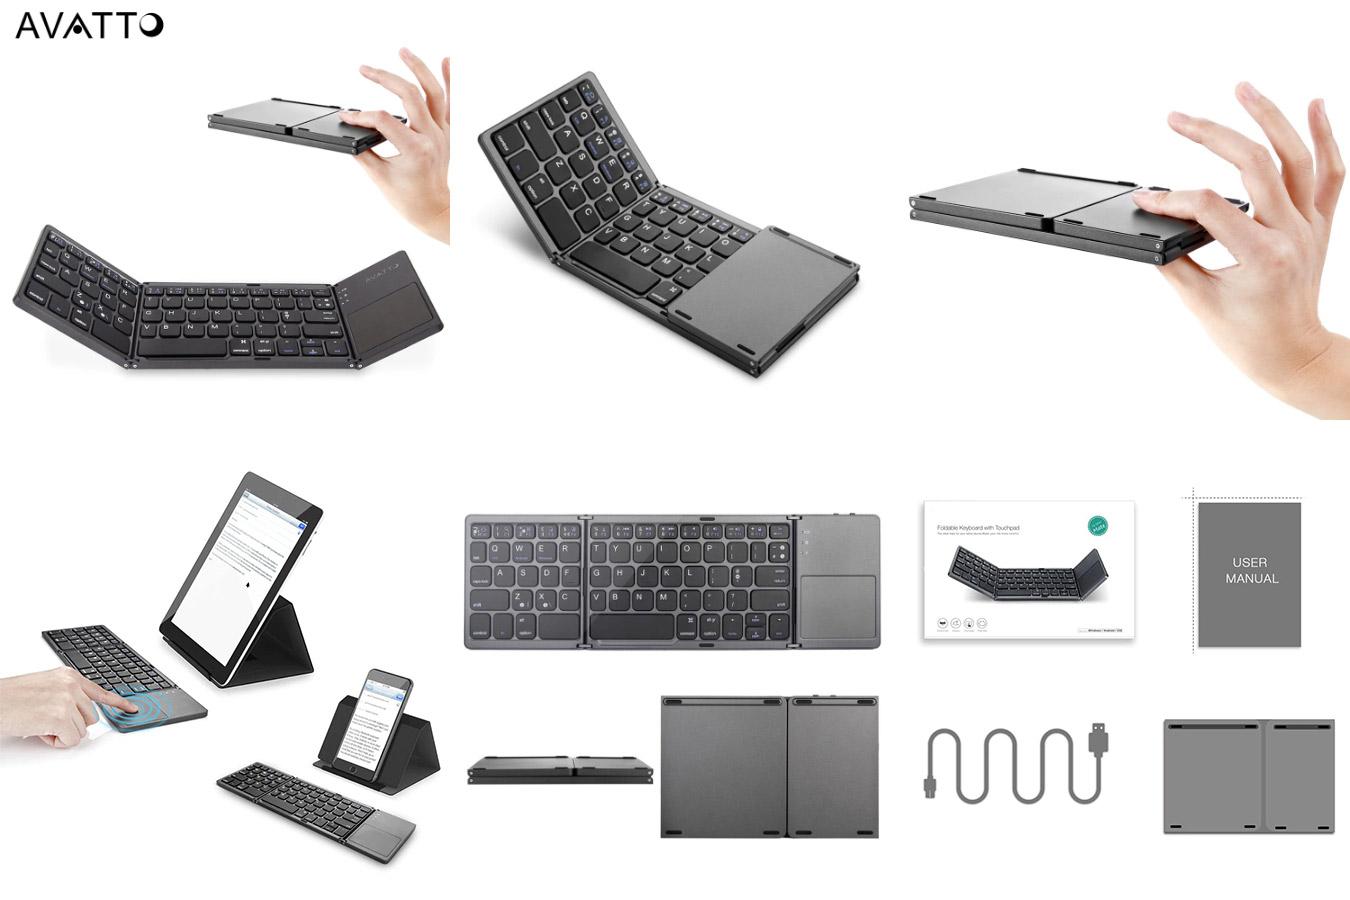 Складная клавиатура для смартфонов с тачпадом AVATTO A18